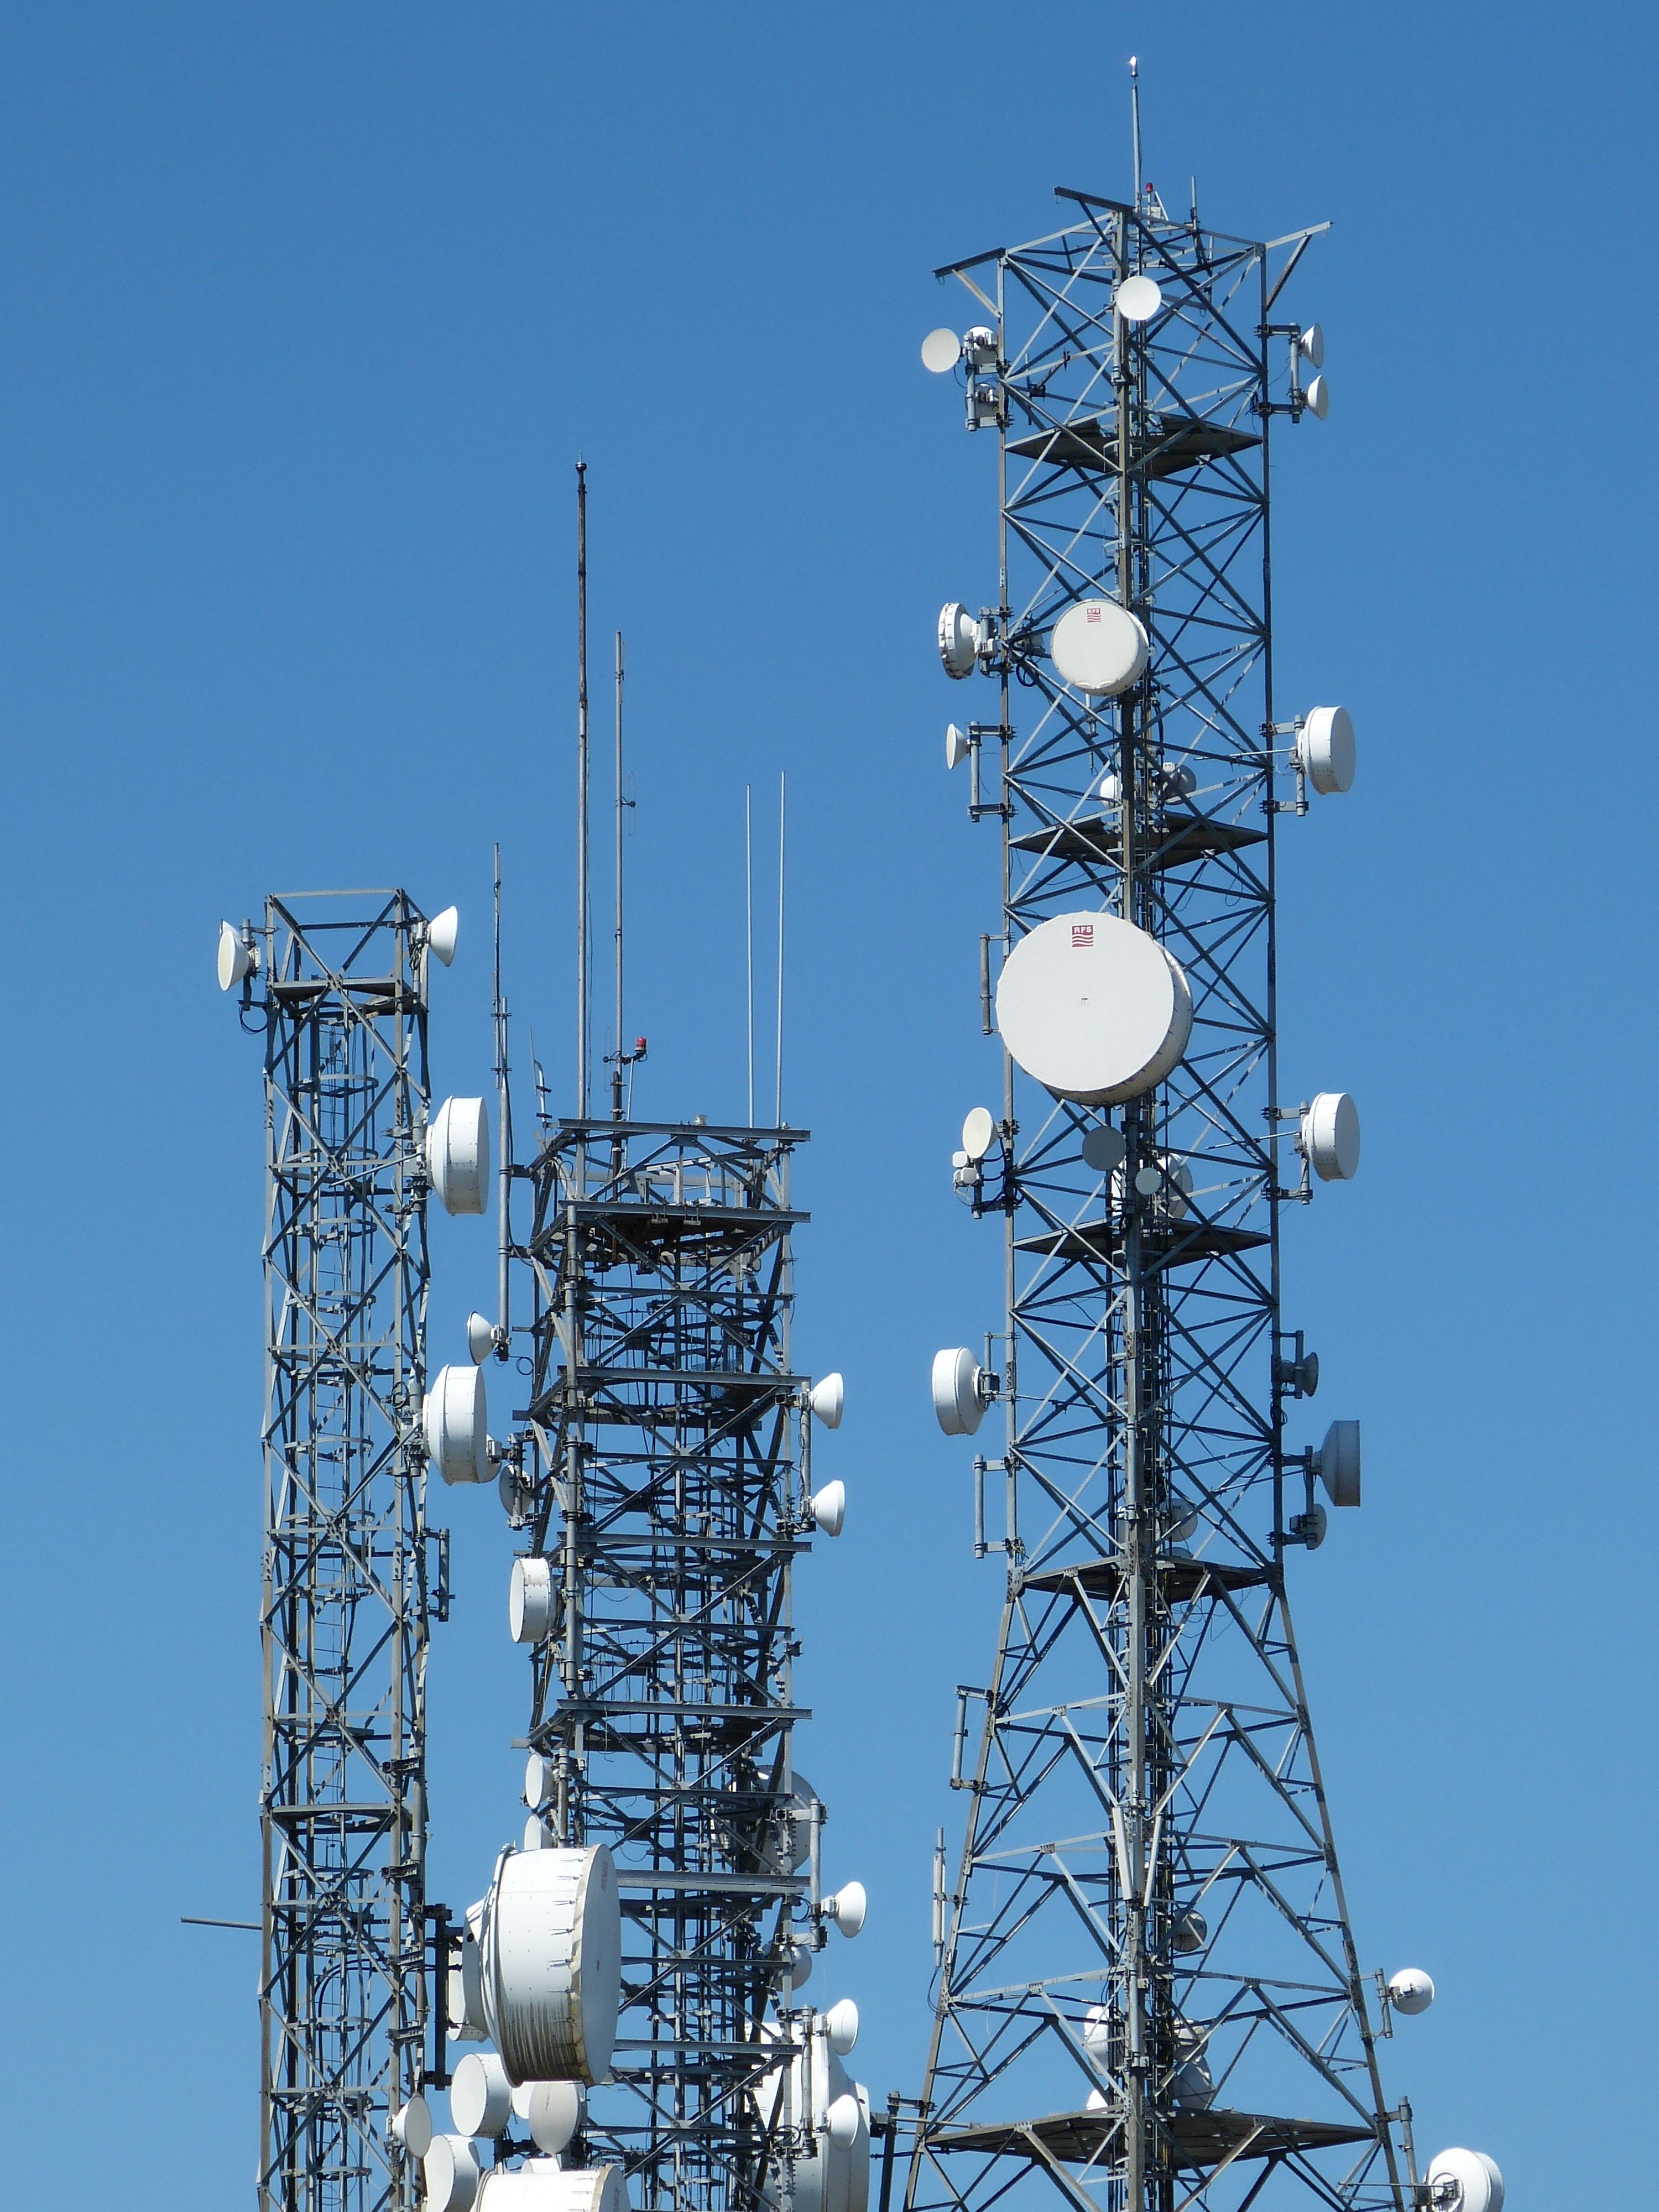 Free Images : technology, antenna, mast, communication, asia, blue ...